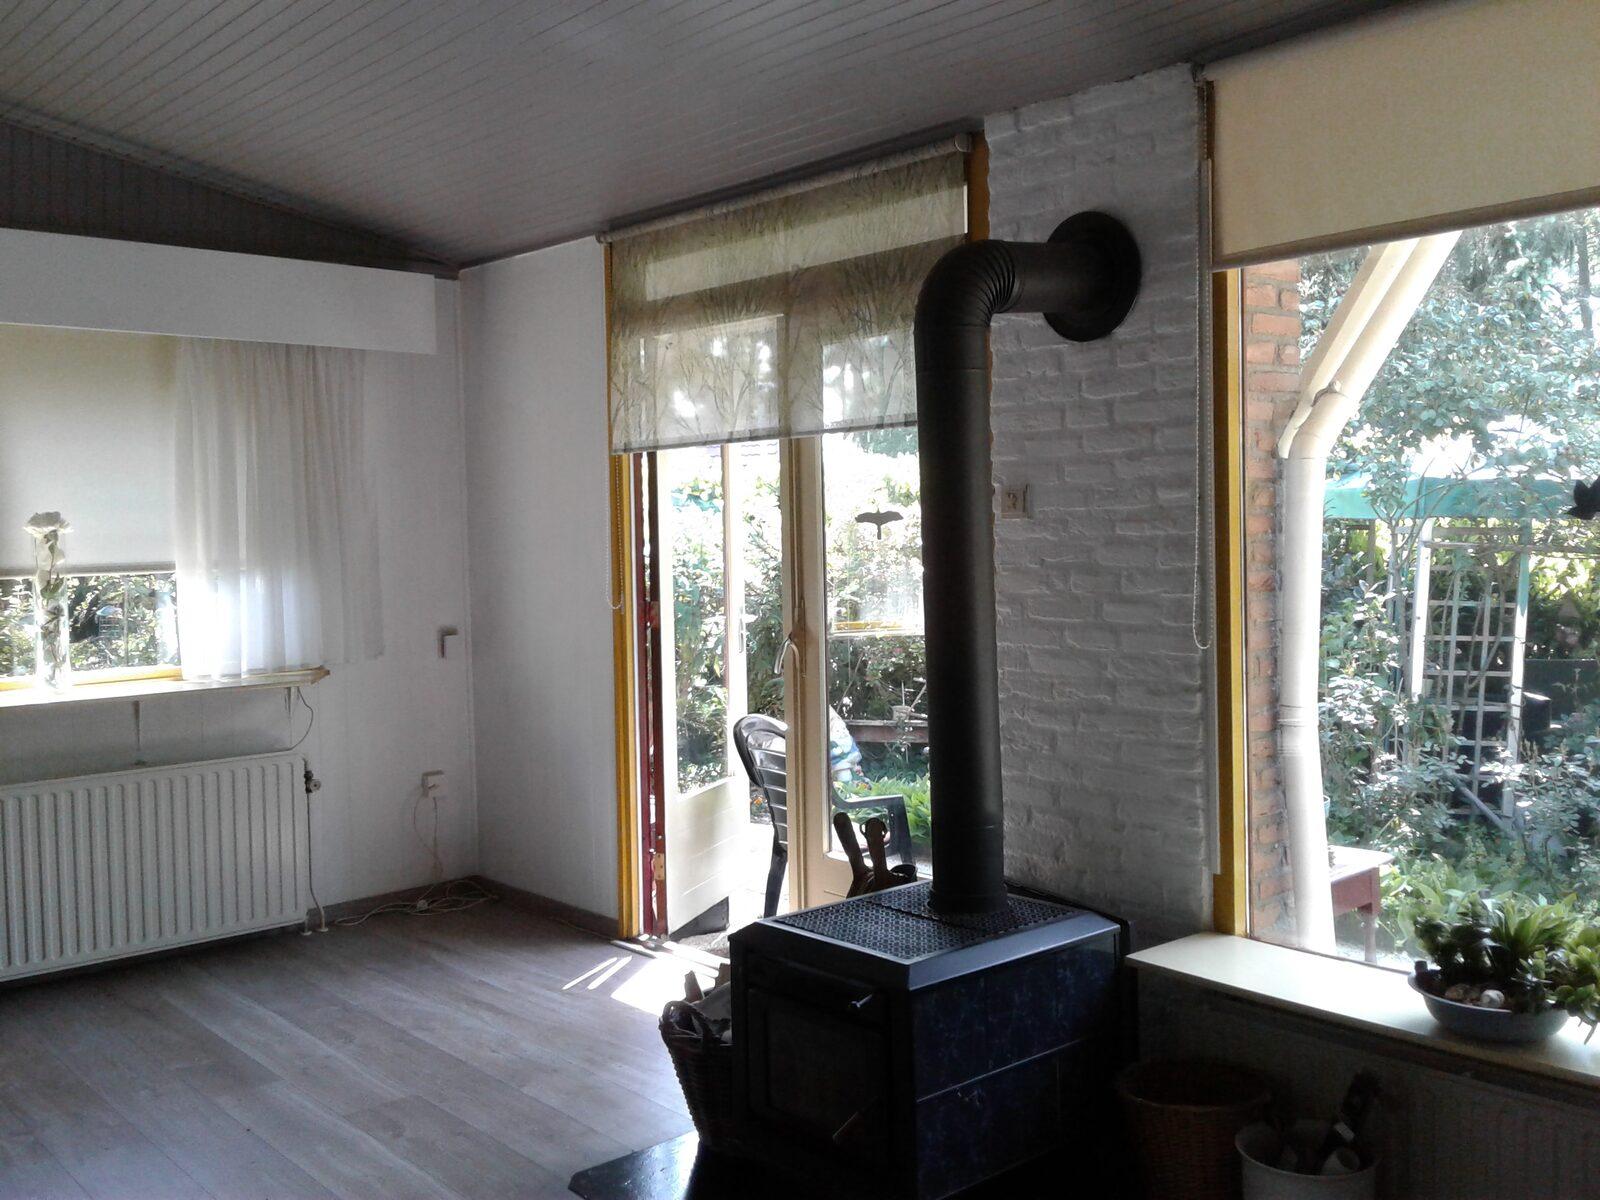 Kievit 12b-370 | Beukenweide 11